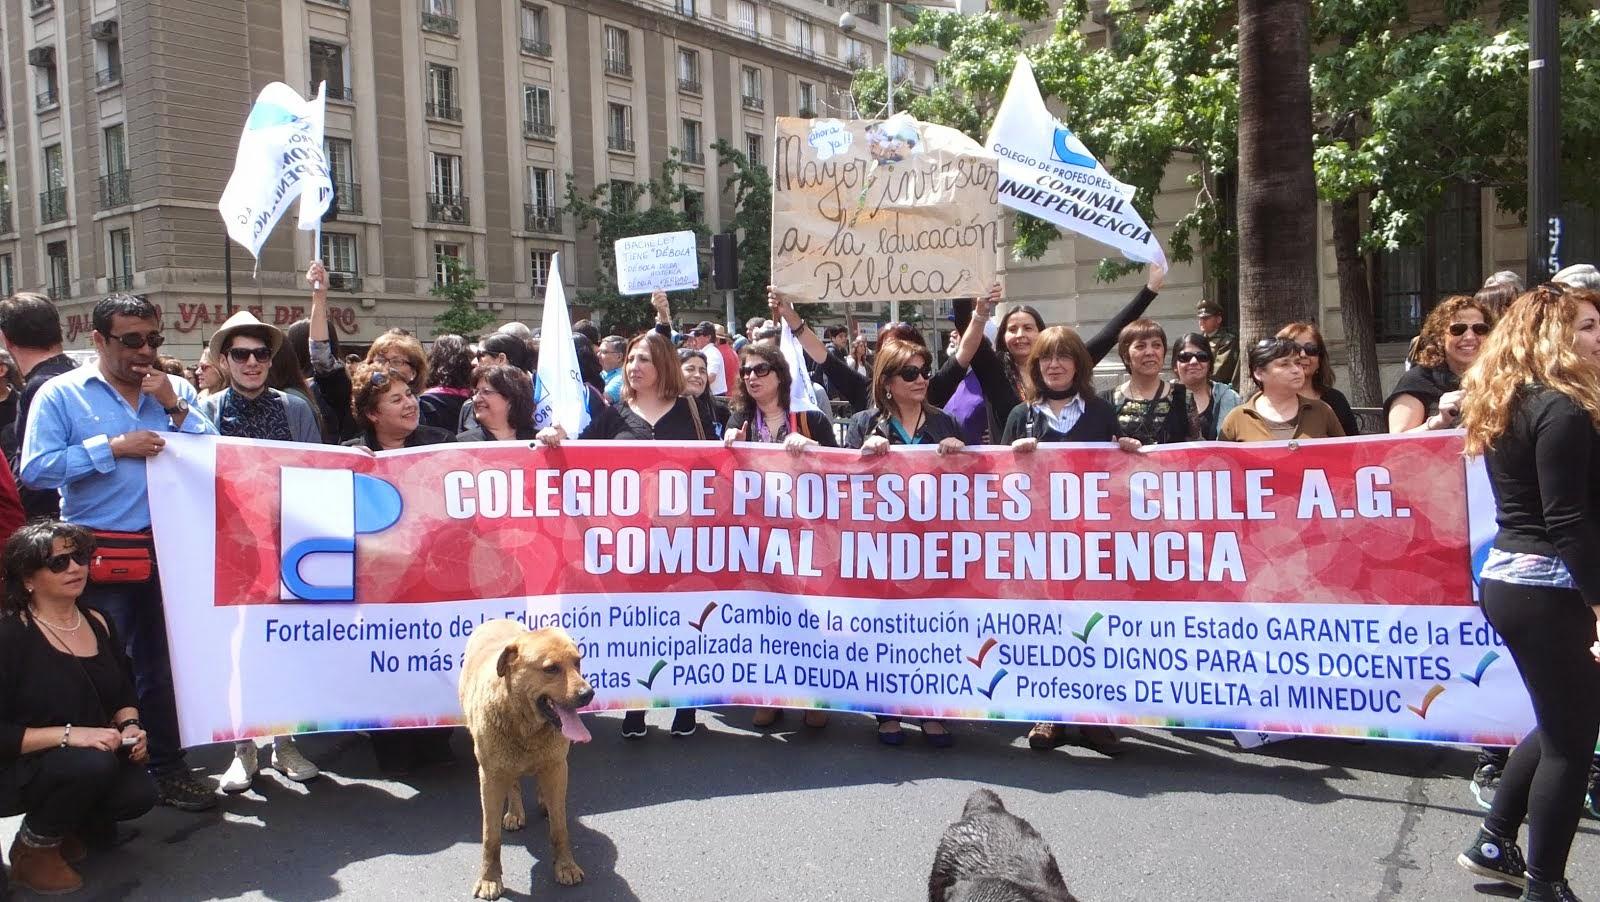 EL COMUNAL INDEPENDENCIA